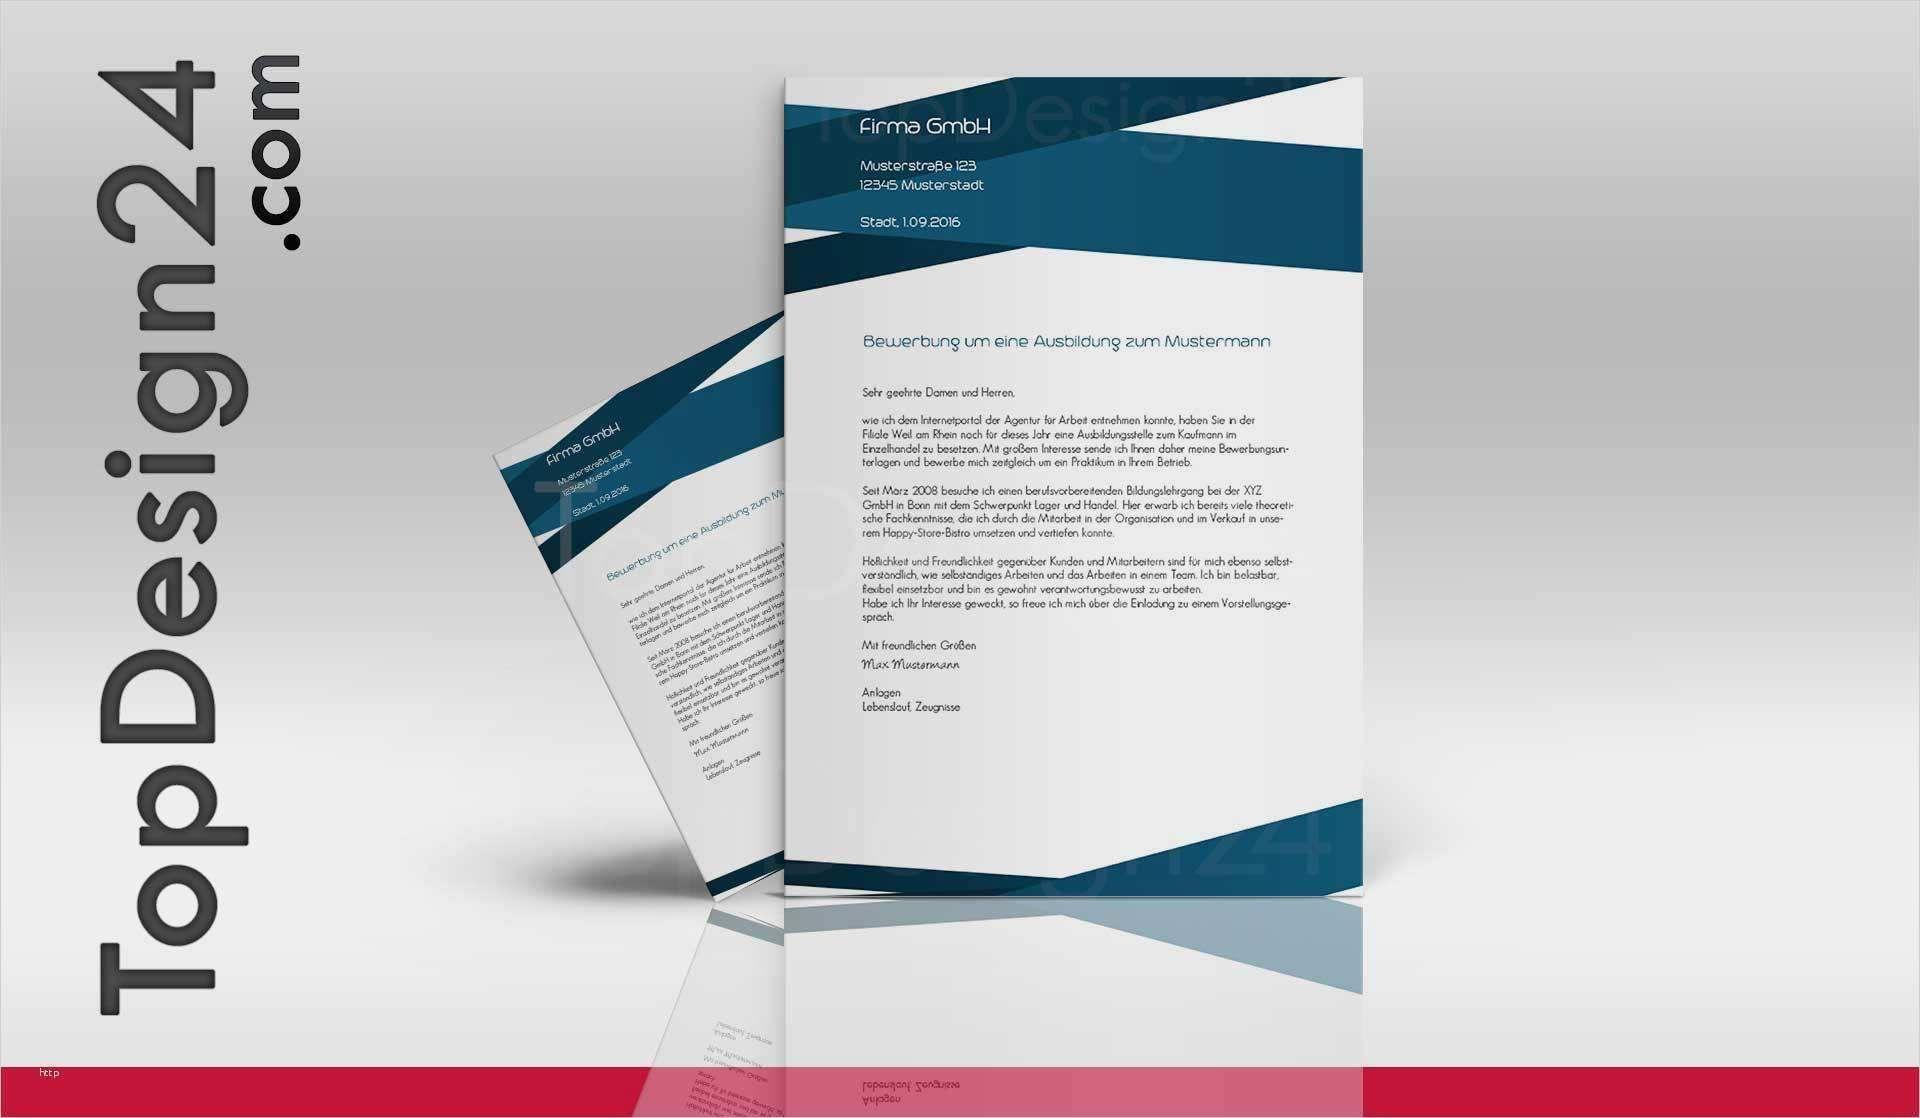 35 Gut Praktikumsbericht Deckblatt Vorlage Download Bilder In 2020 Deckblatt Vorlage Geschenkgutschein Vorlage Deckblatt